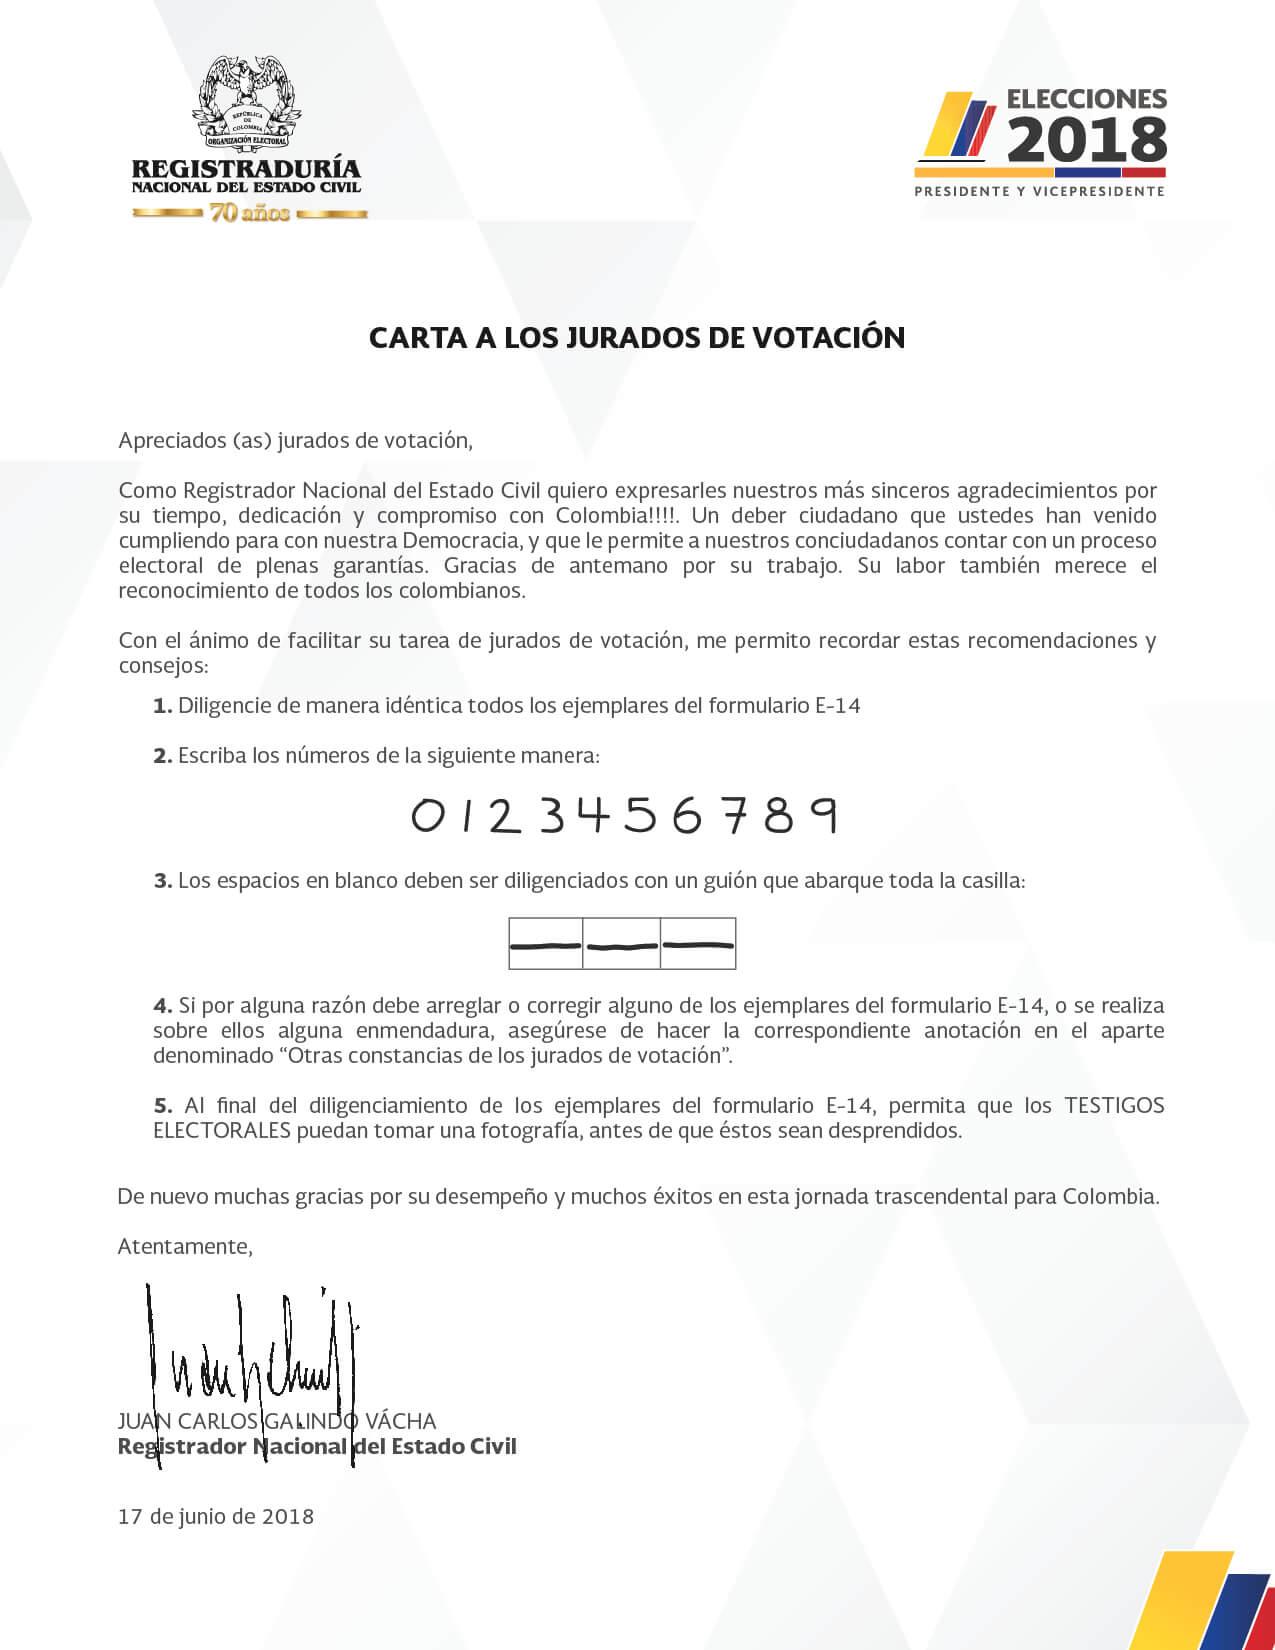 Recomendaciones a los jurados de votación por parte del registrador Juan Carlos Galindo